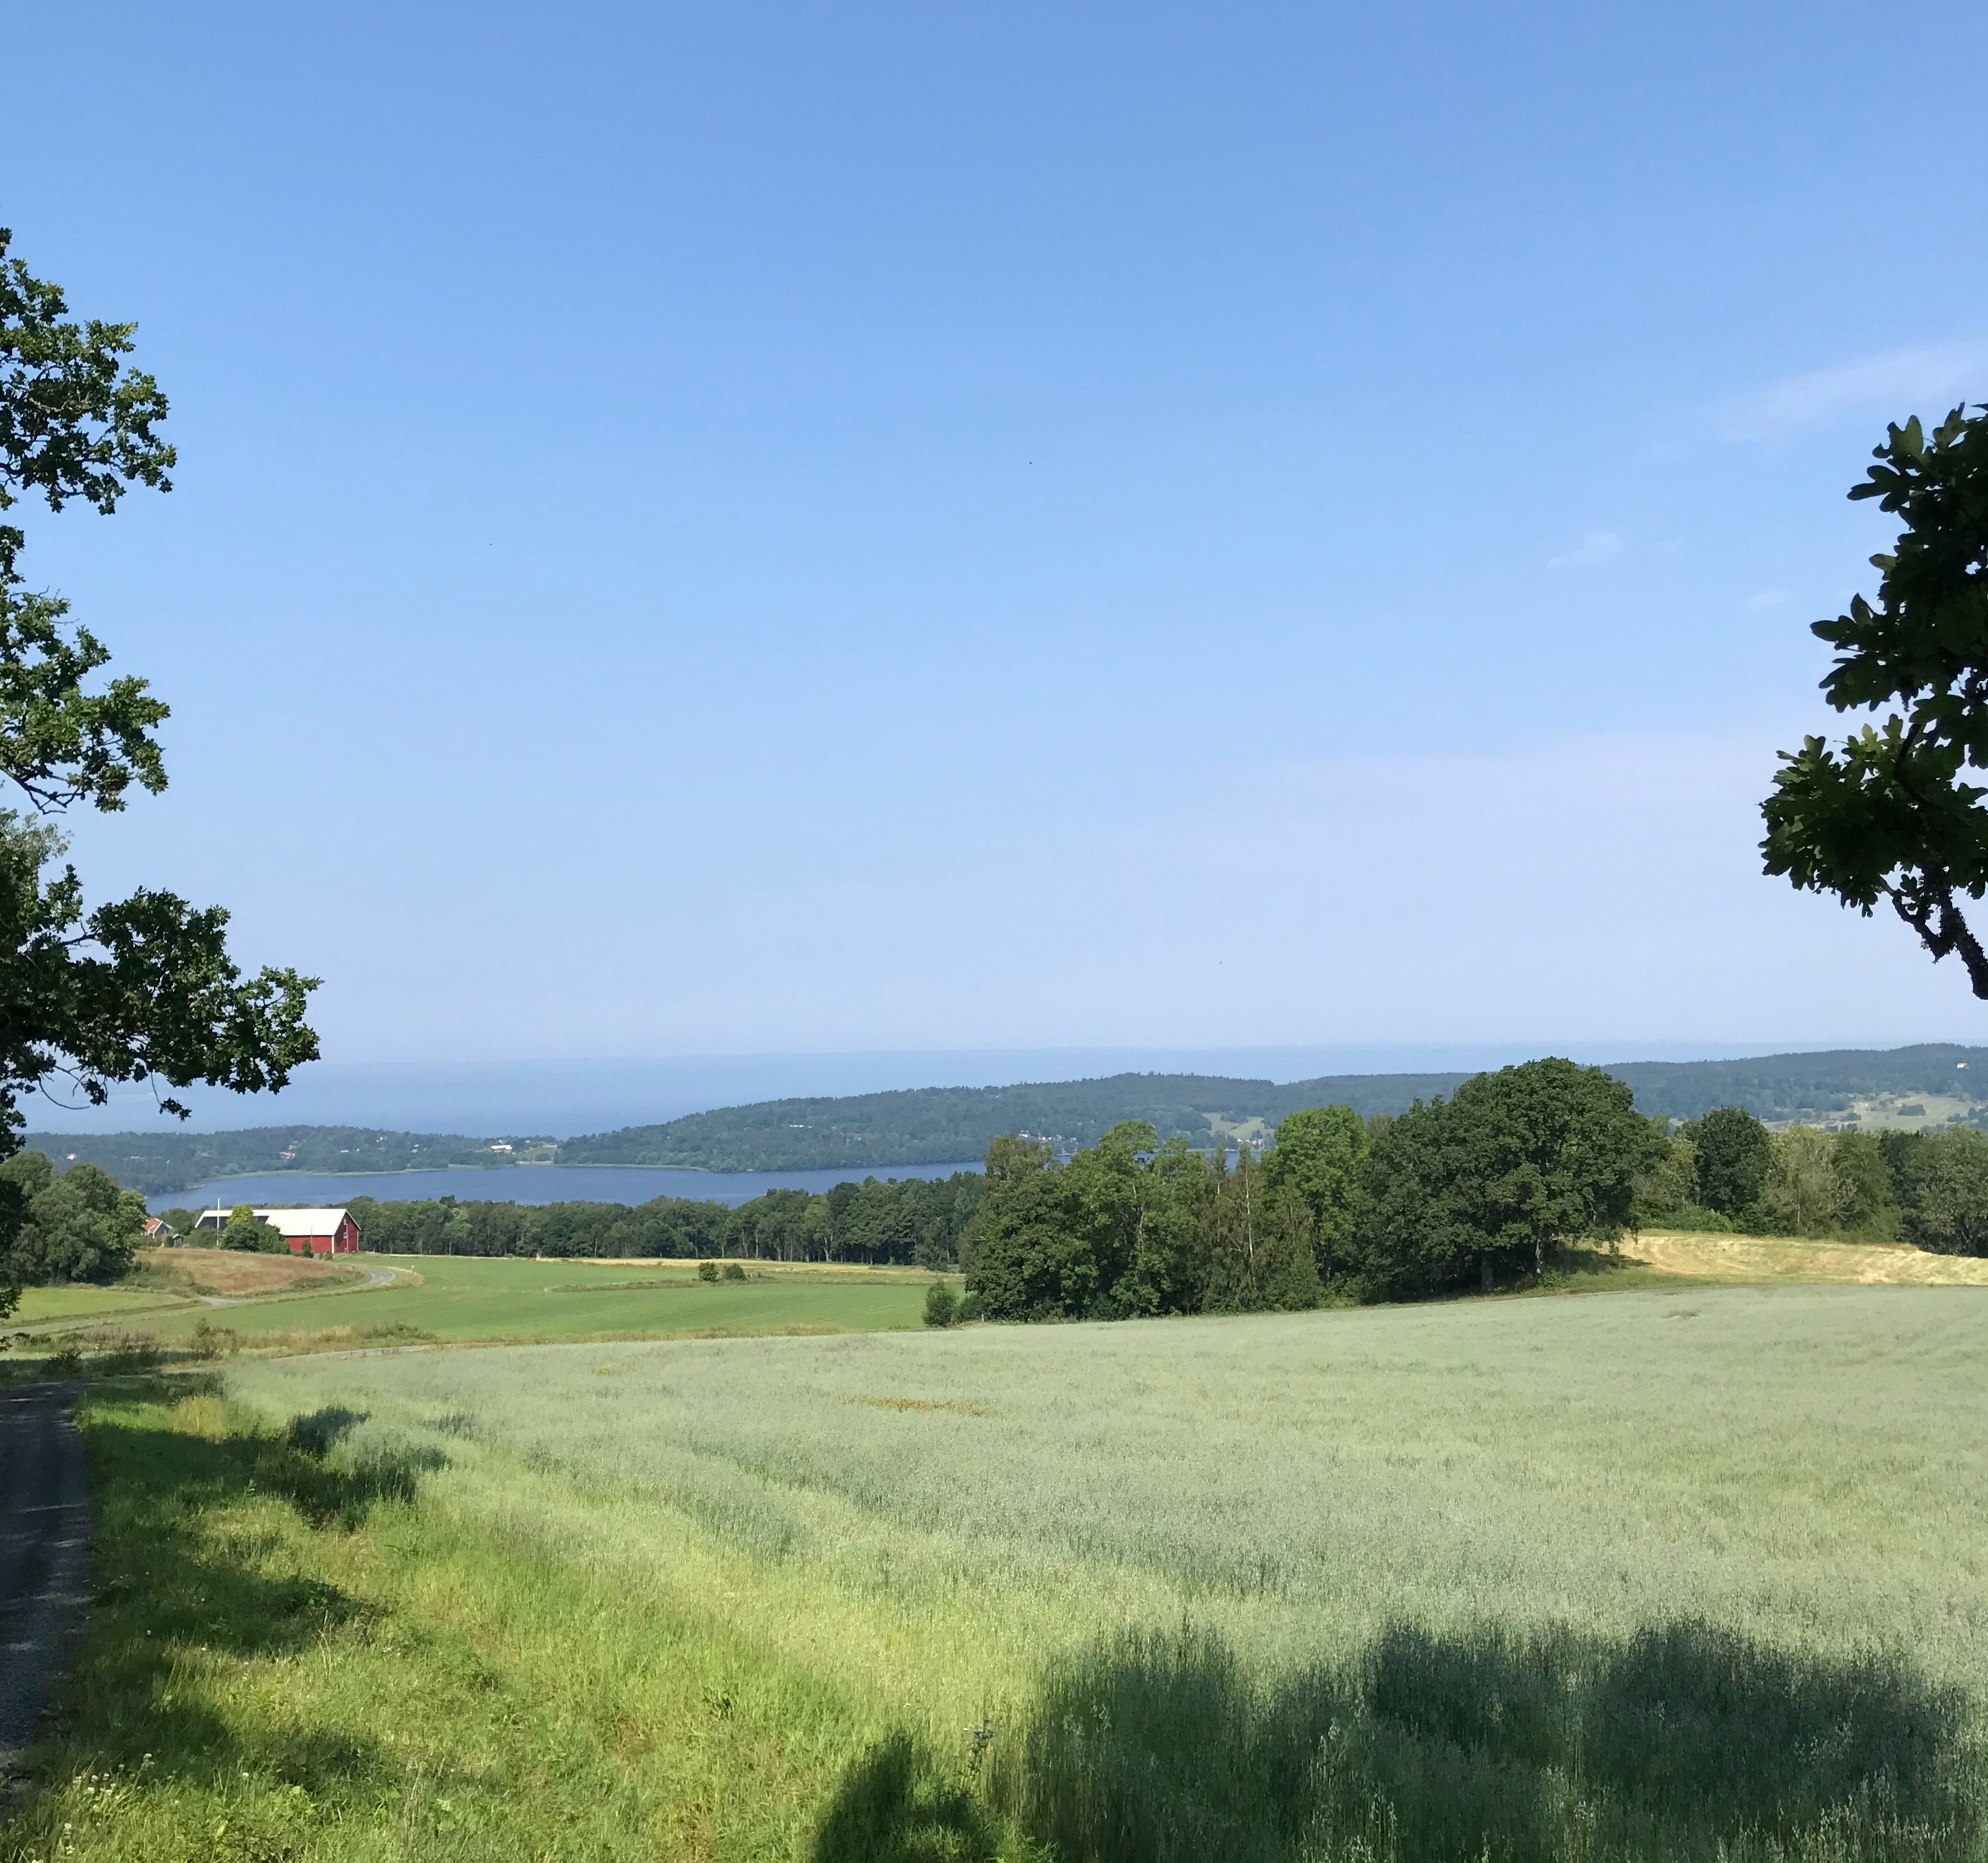 Vy från Utsikten vid Måla kulle mot Landsjön och Vättern i bakgrunden.